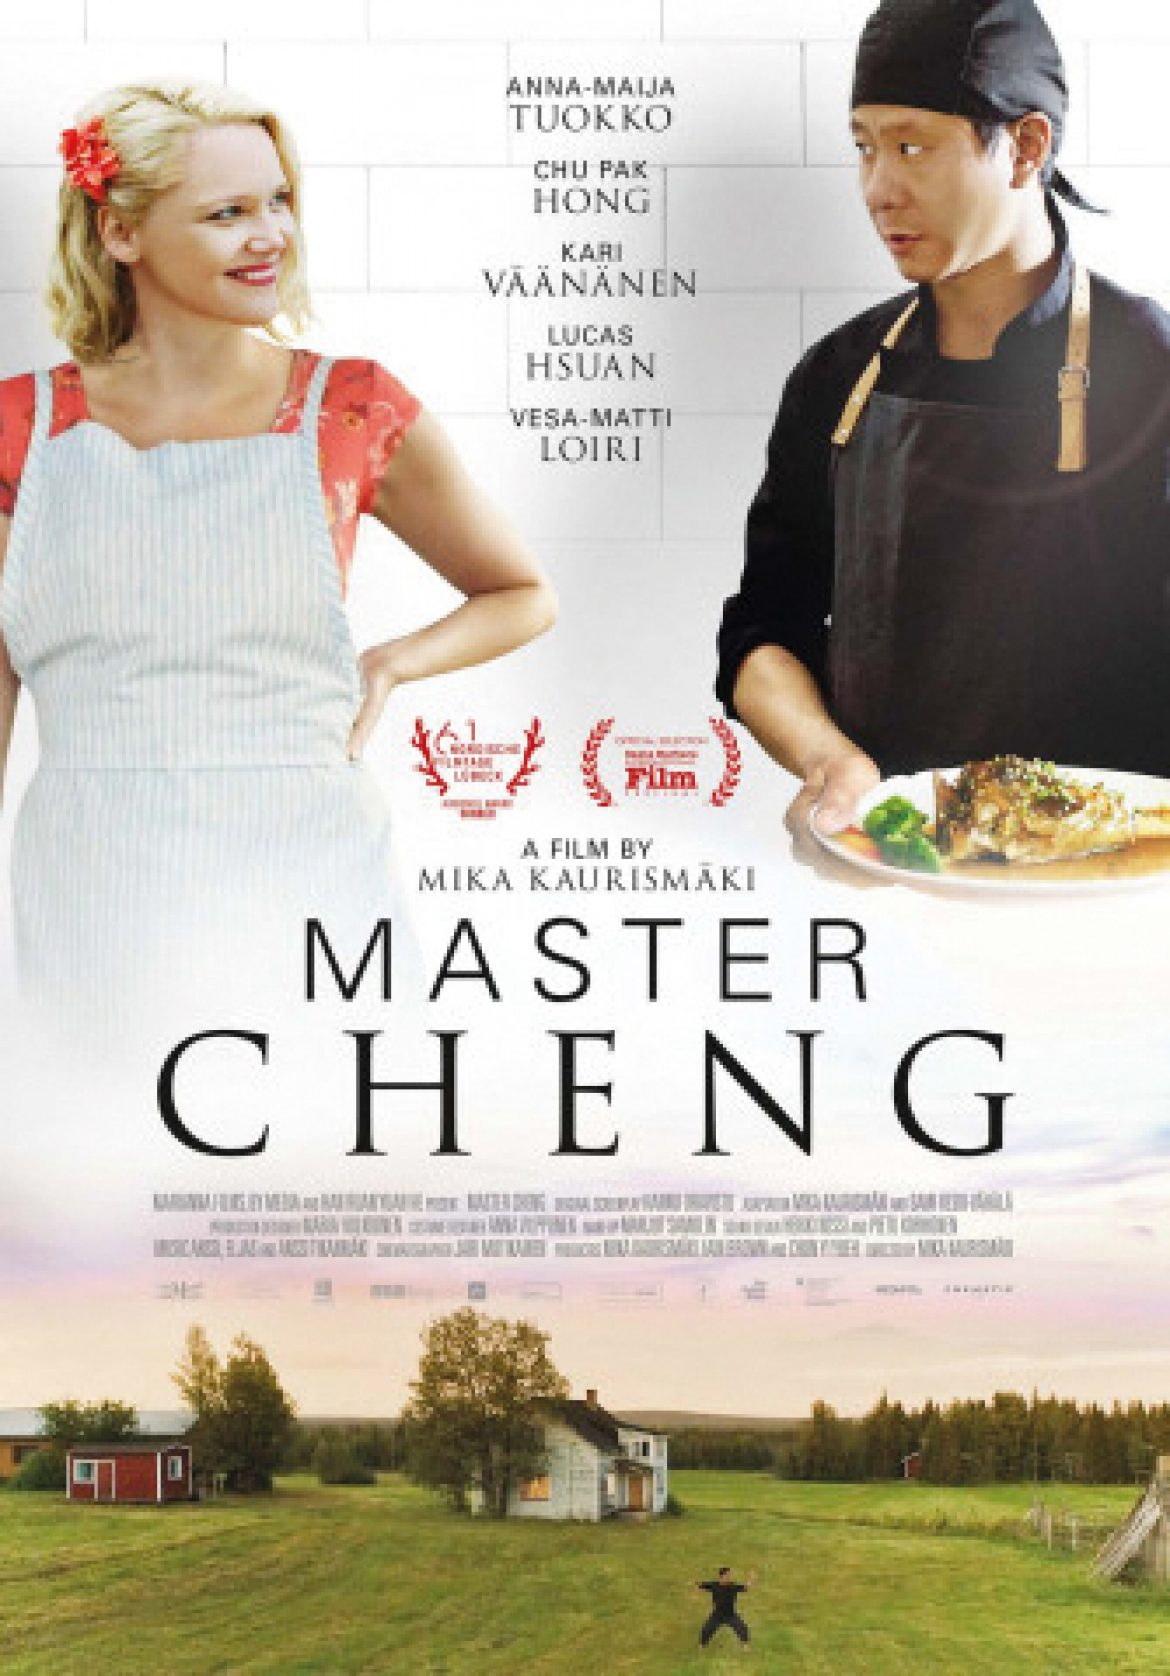 Master Cheng